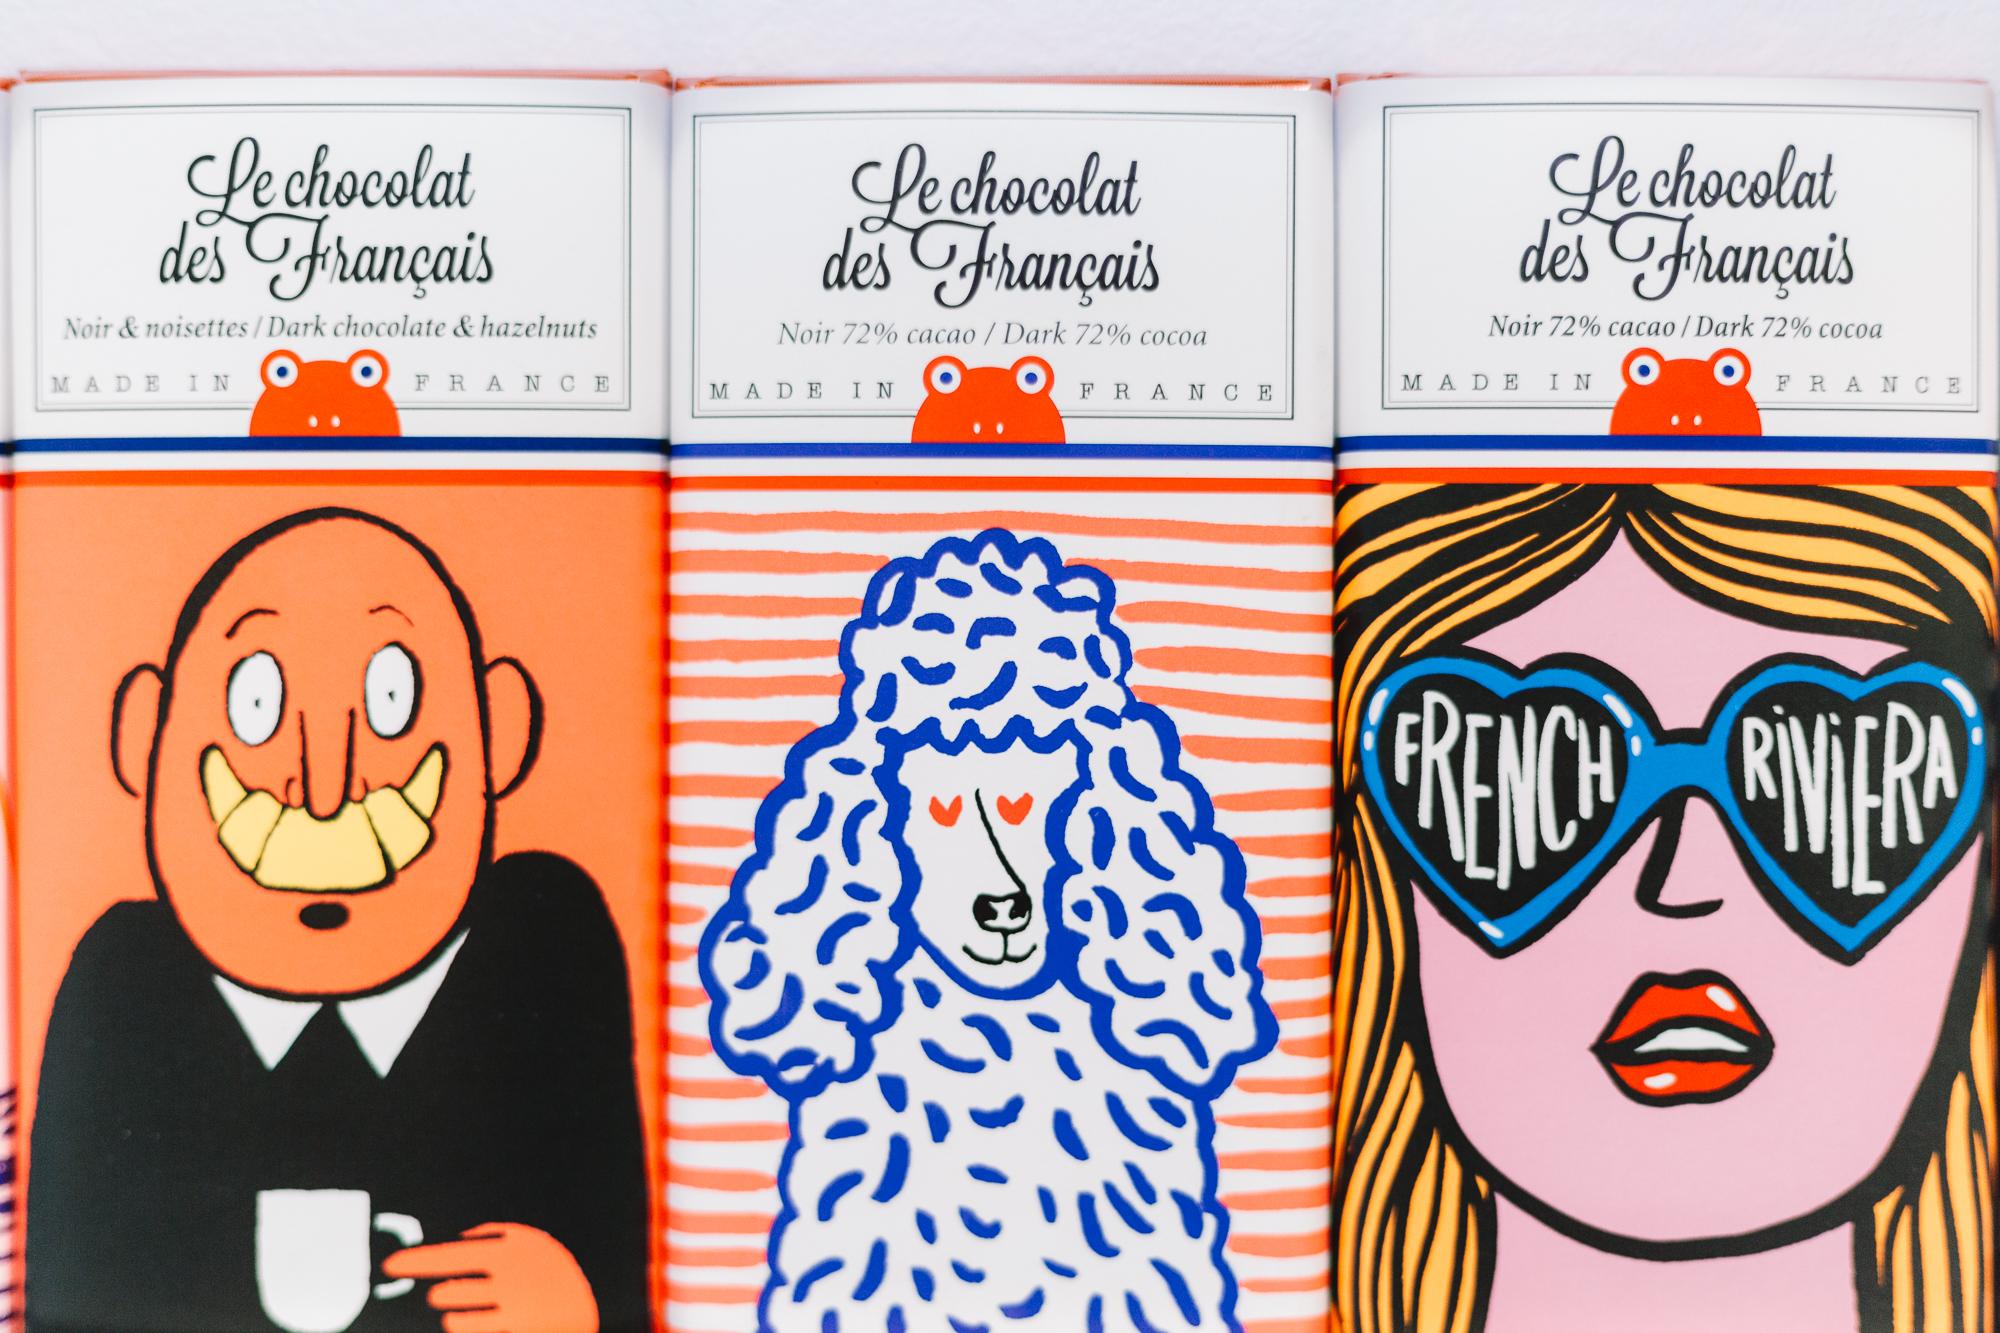 3 Tablettes Le Chocolat des Français